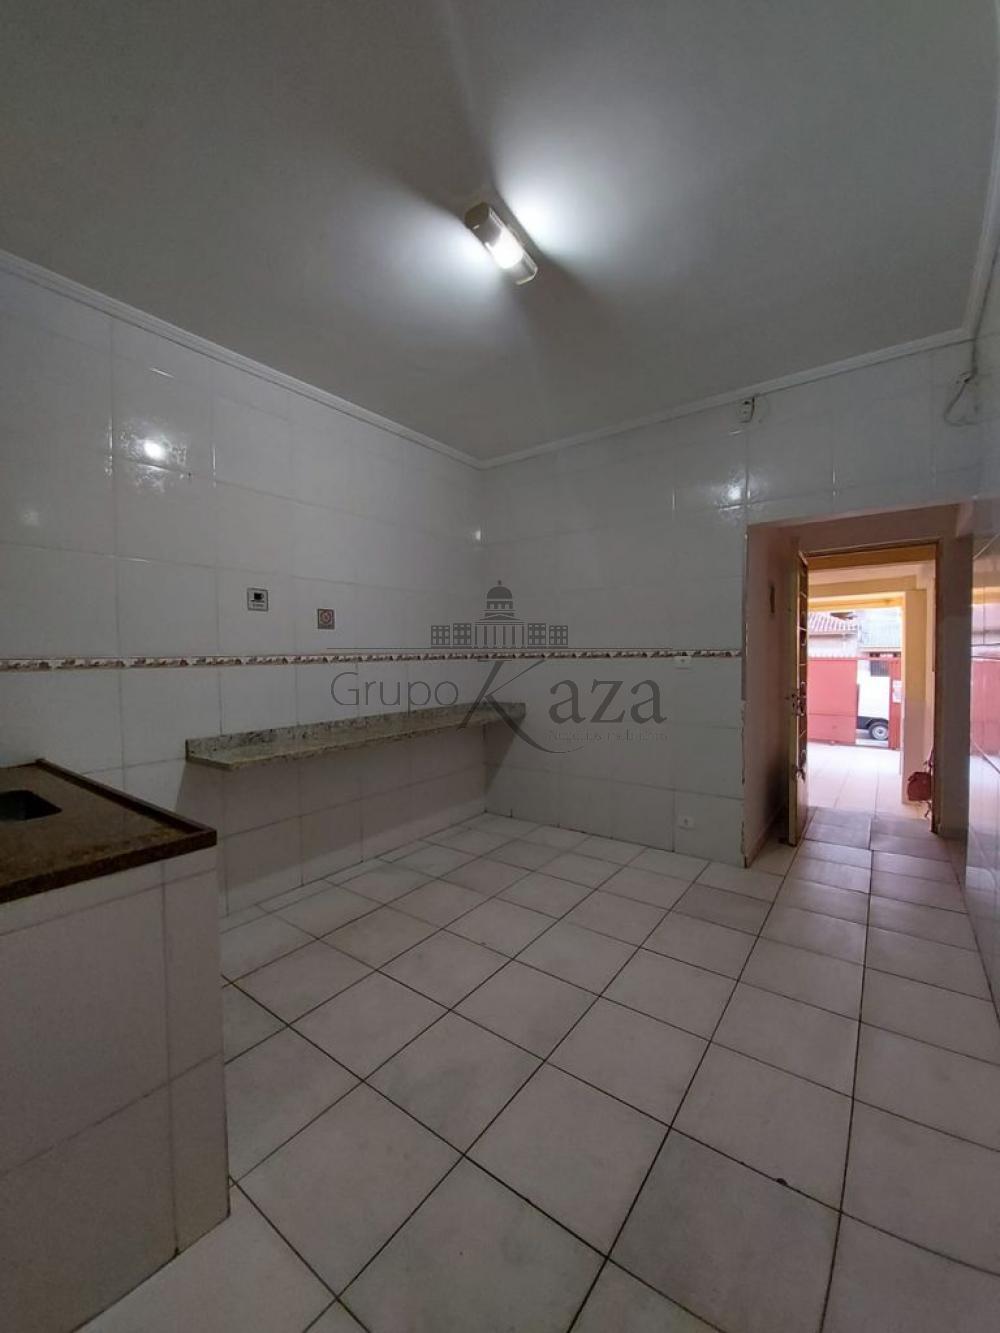 alt='Alugar Casa / Comercial / Residencial em São José dos Campos R$ 2.800,00 - Foto 2' title='Alugar Casa / Comercial / Residencial em São José dos Campos R$ 2.800,00 - Foto 2'